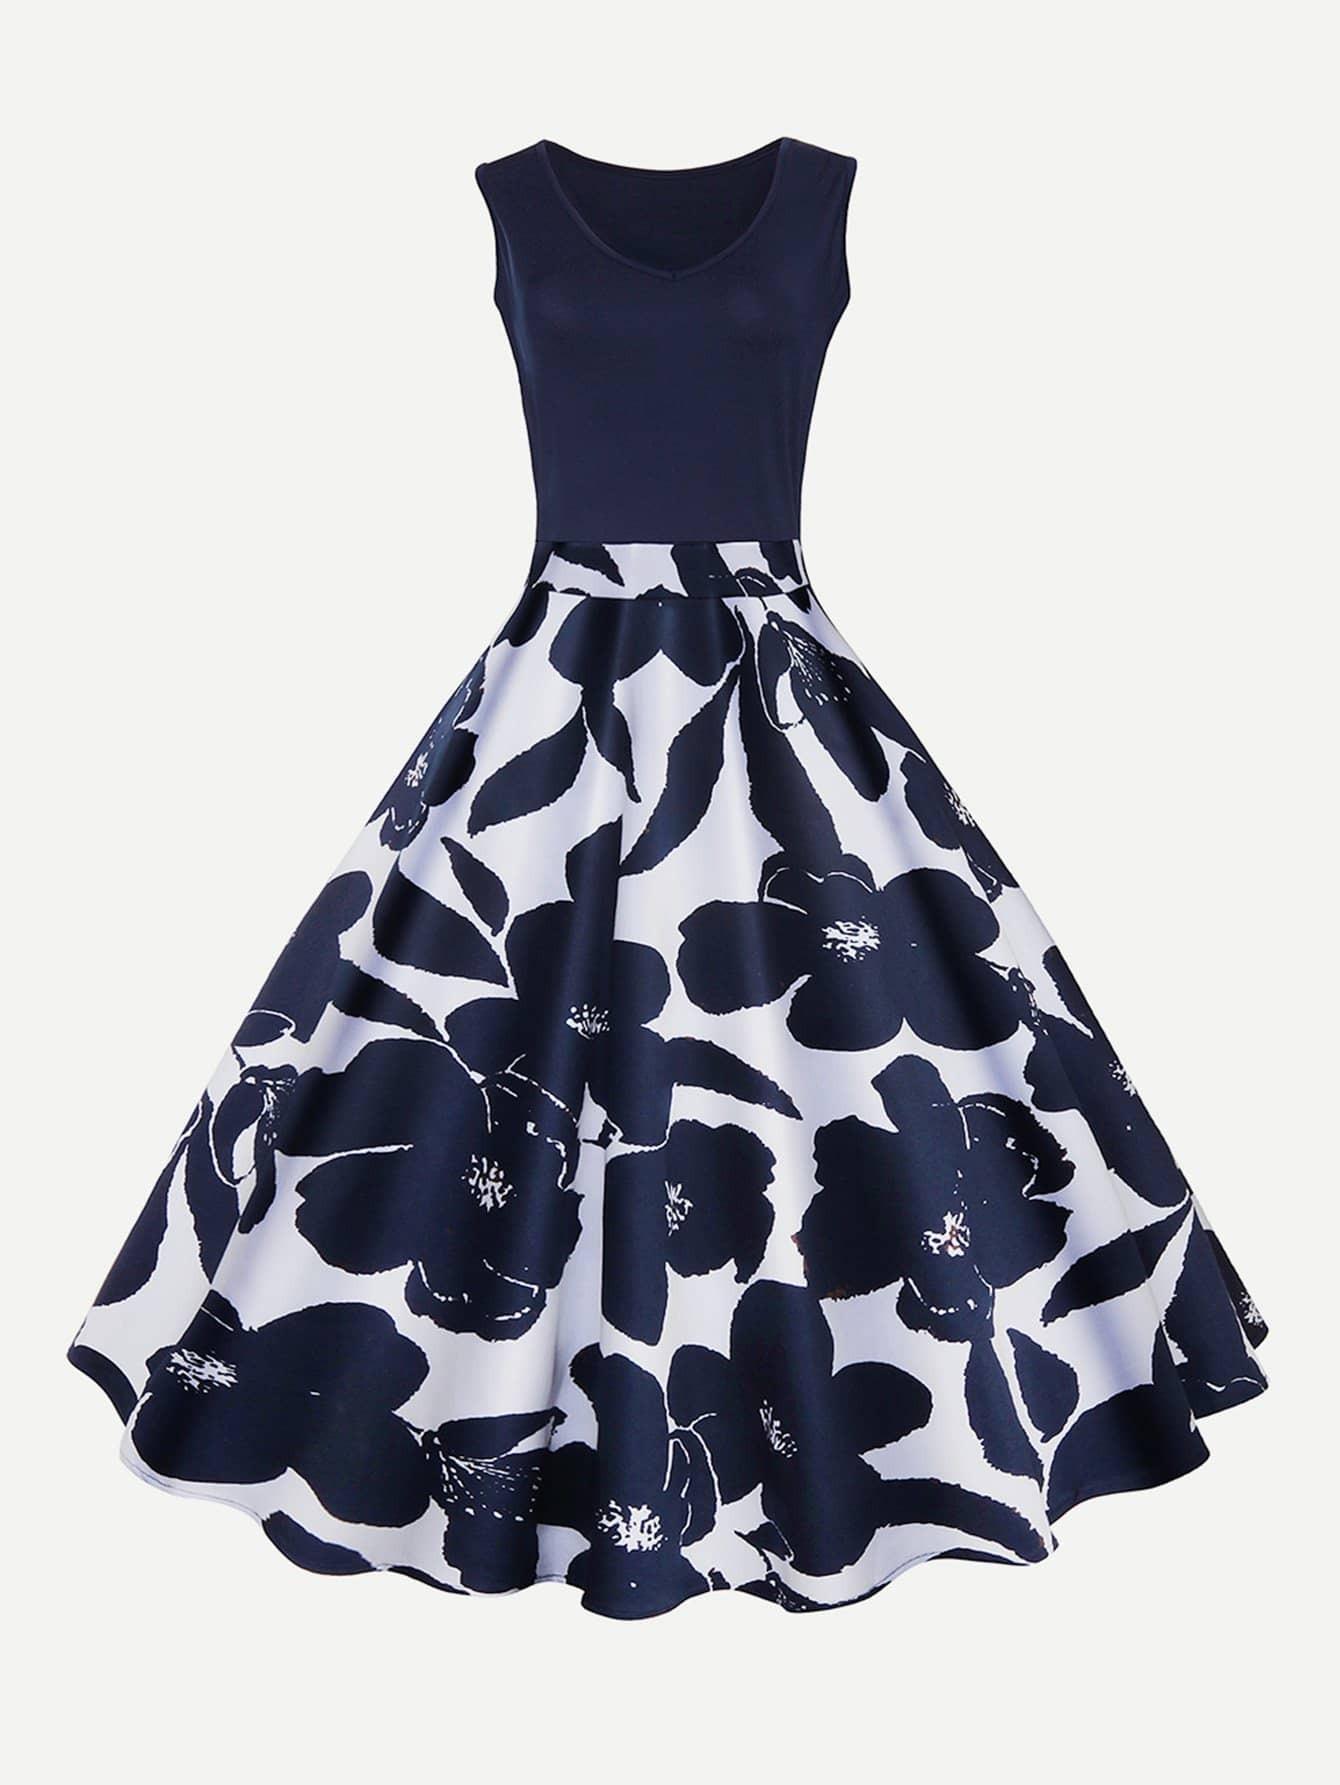 Платье из цветной печати, null, SheIn  - купить со скидкой